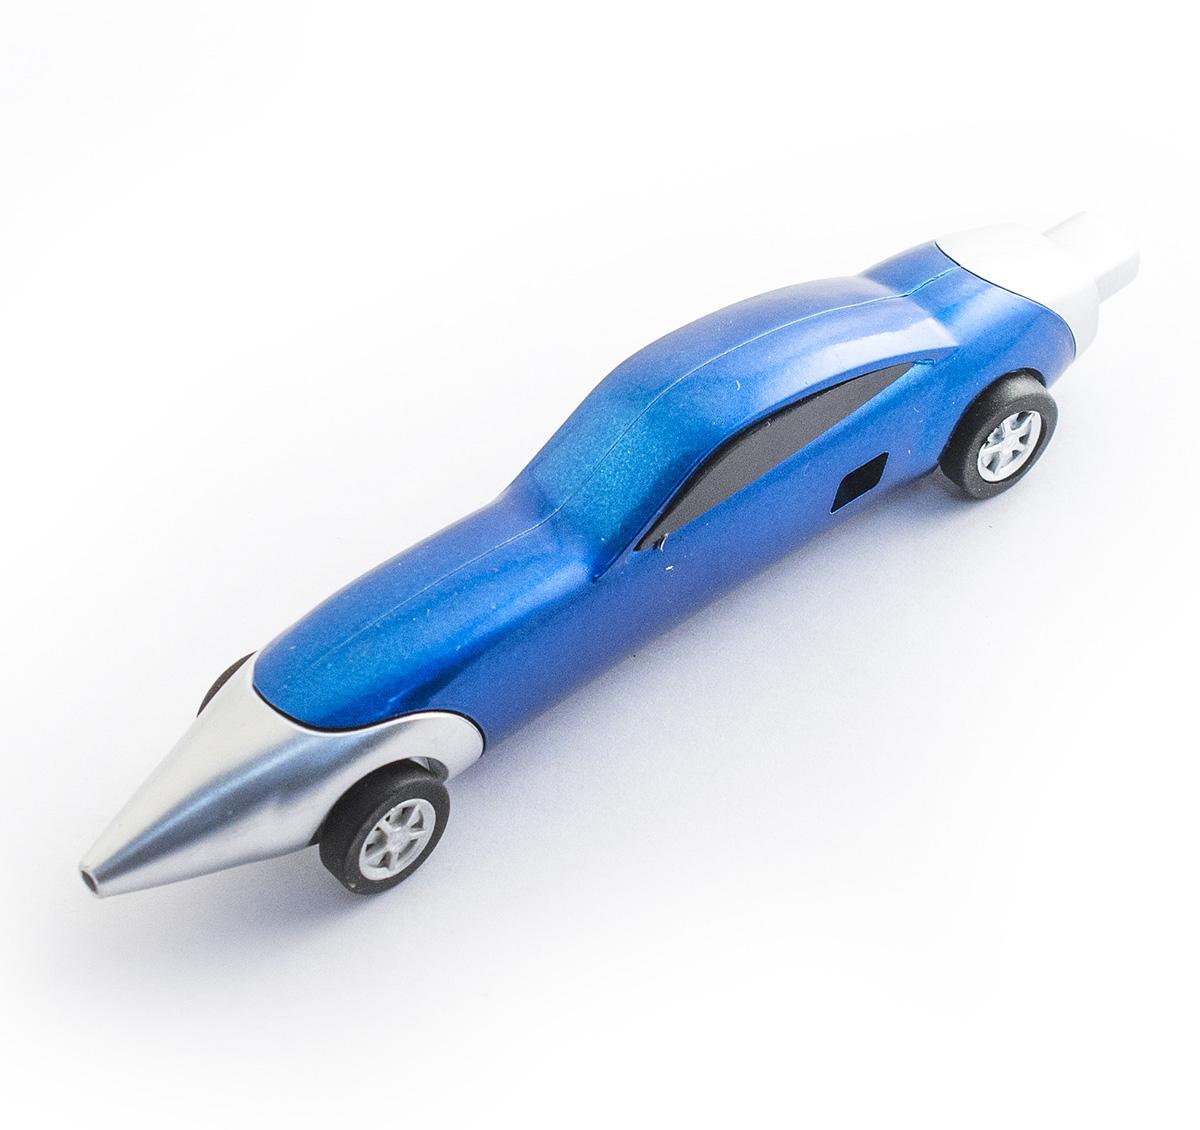 Эврика Ручка шариковая Авто №8 цвет корпуса синий98525Разноцветные миниатюрные автомобили всегда производят впечатление на представителей мужской половины человечества, а если это еще и удобная шариковая ручка, которую так приятно держать за обтекаемые бока, то радость длится существенно дольше. Стержень сменяемый, цвет чернил - синий, черный.